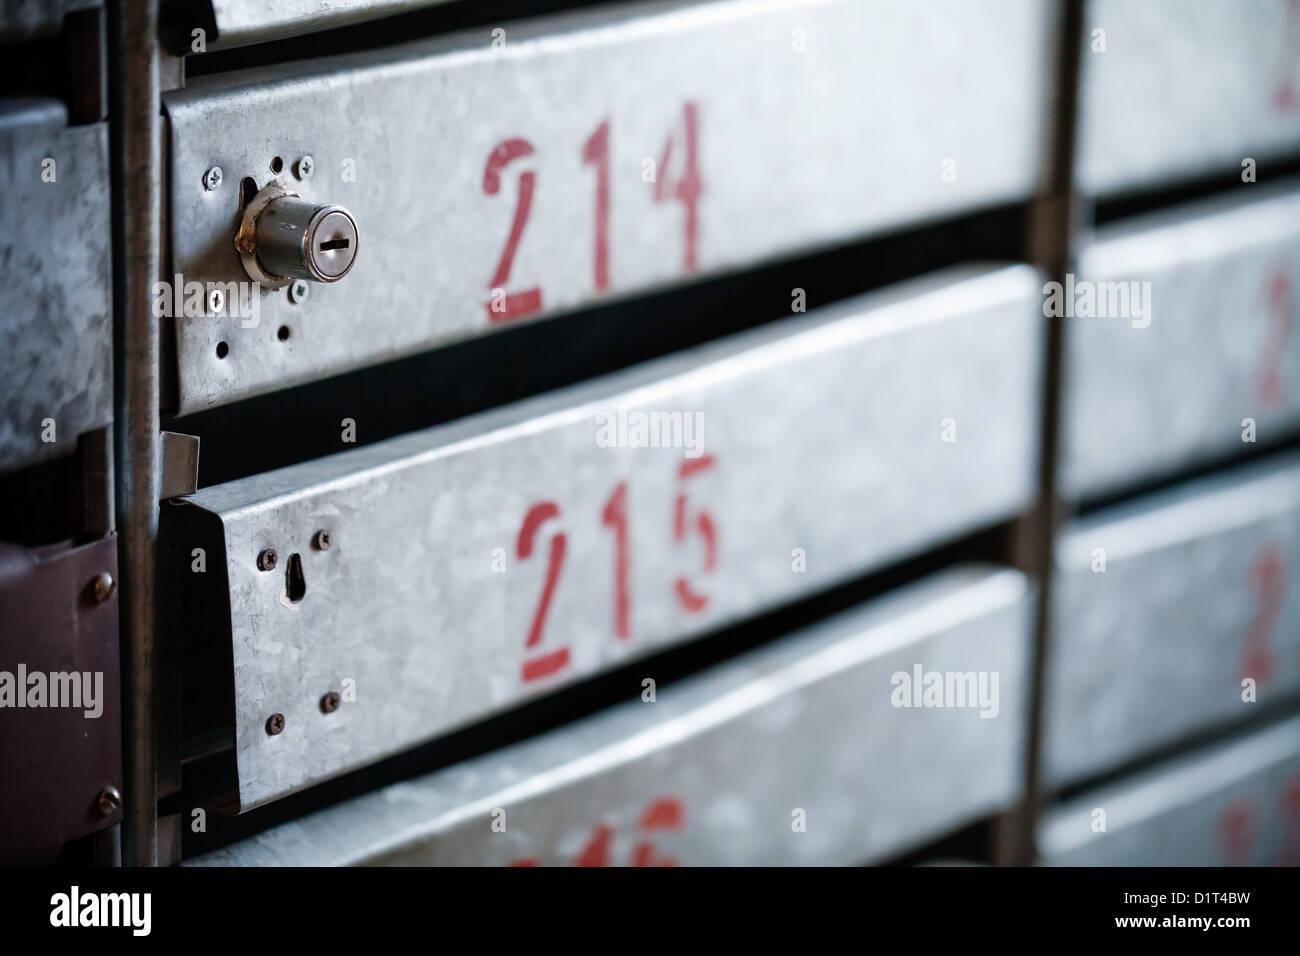 El hierro viejo buzones con bloqueos y rojo los números de apartamento Imagen De Stock